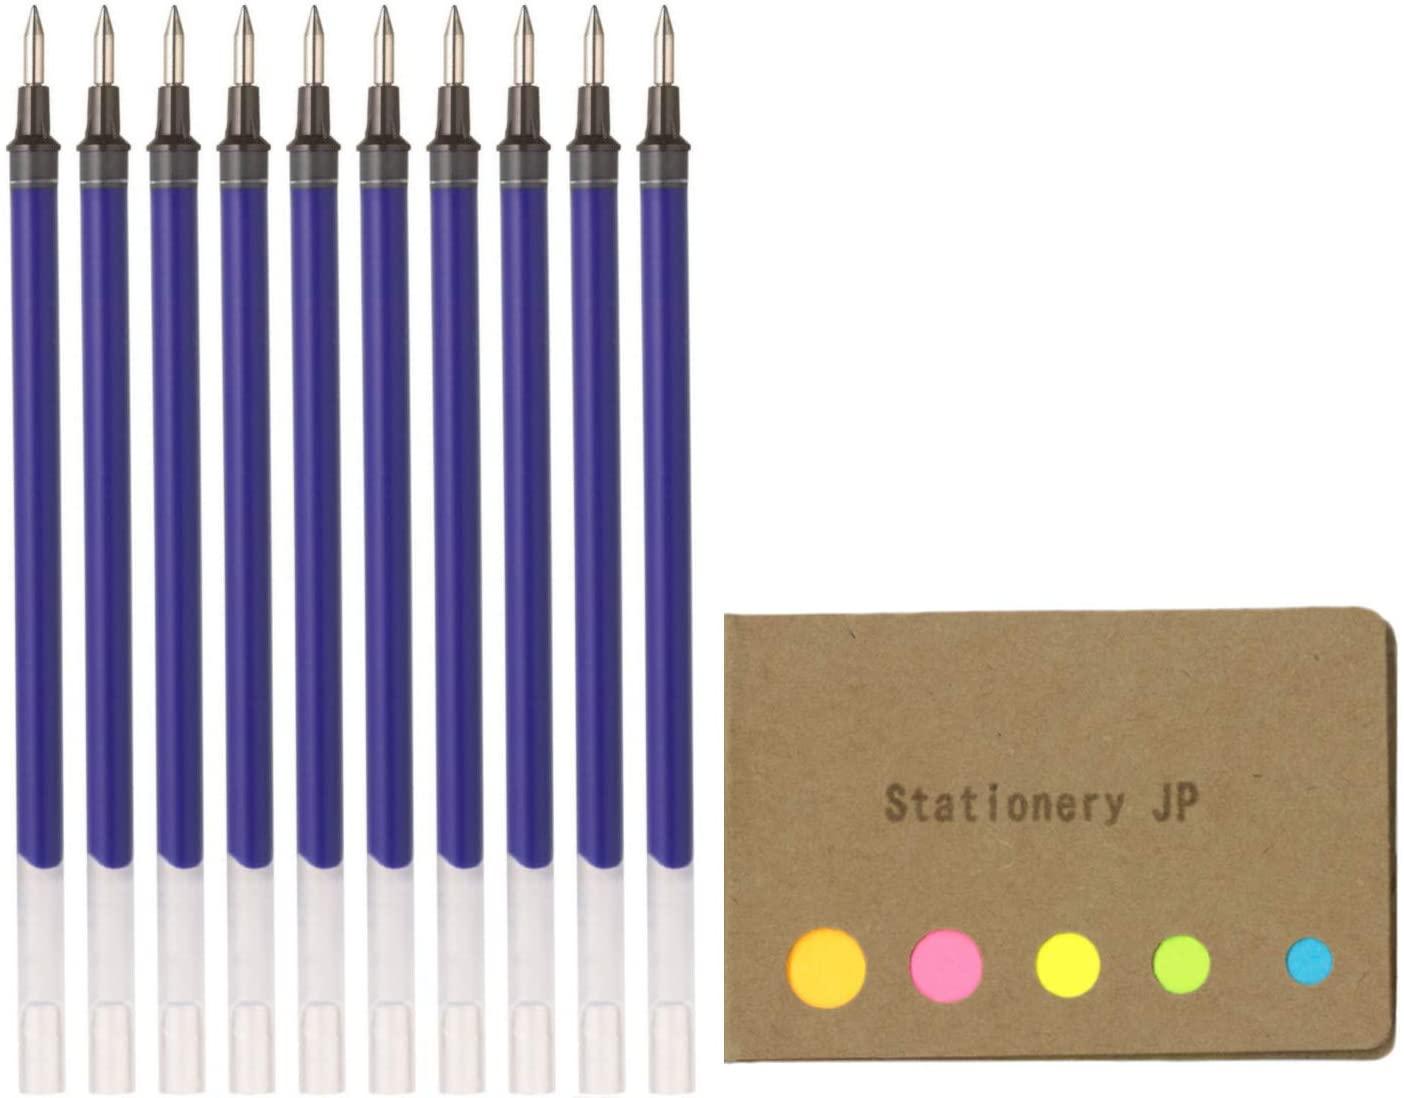 Uni-Ball UMR-1-05 Refills for Signo Gel Ink Ballpoint Pen, UM-151 DX, 0.5mm, Blue Ink, 10-Pack, Sticky Notes Value Set